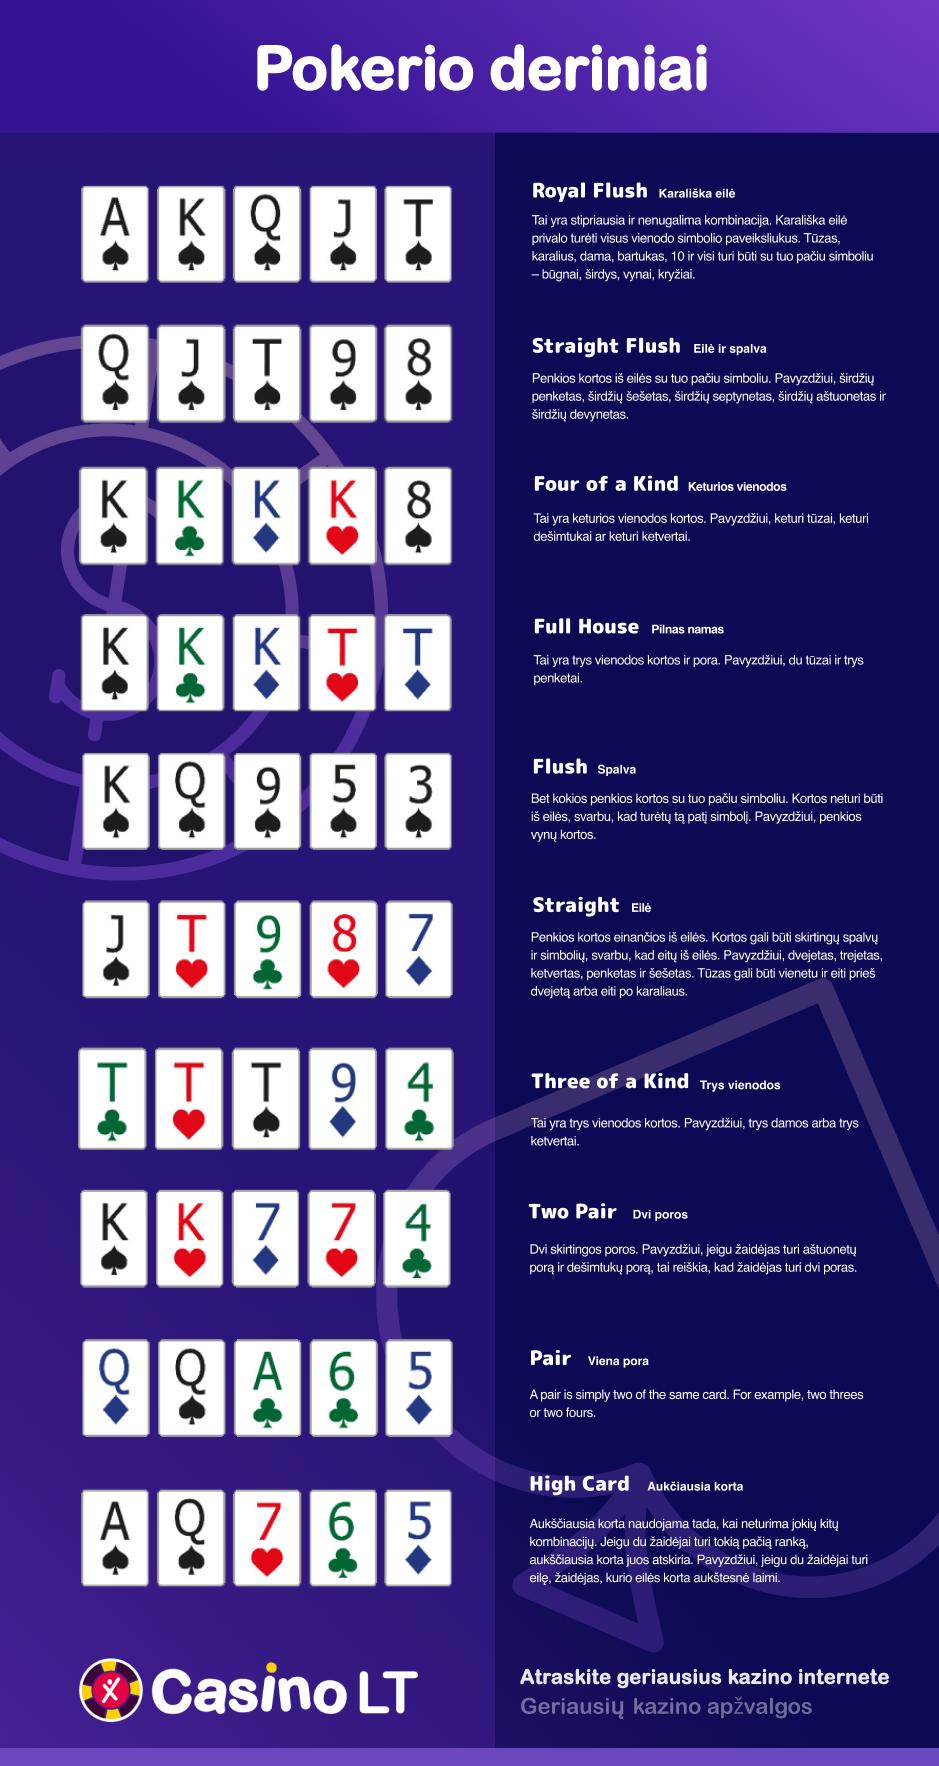 Pokerio kombinacijos rankos